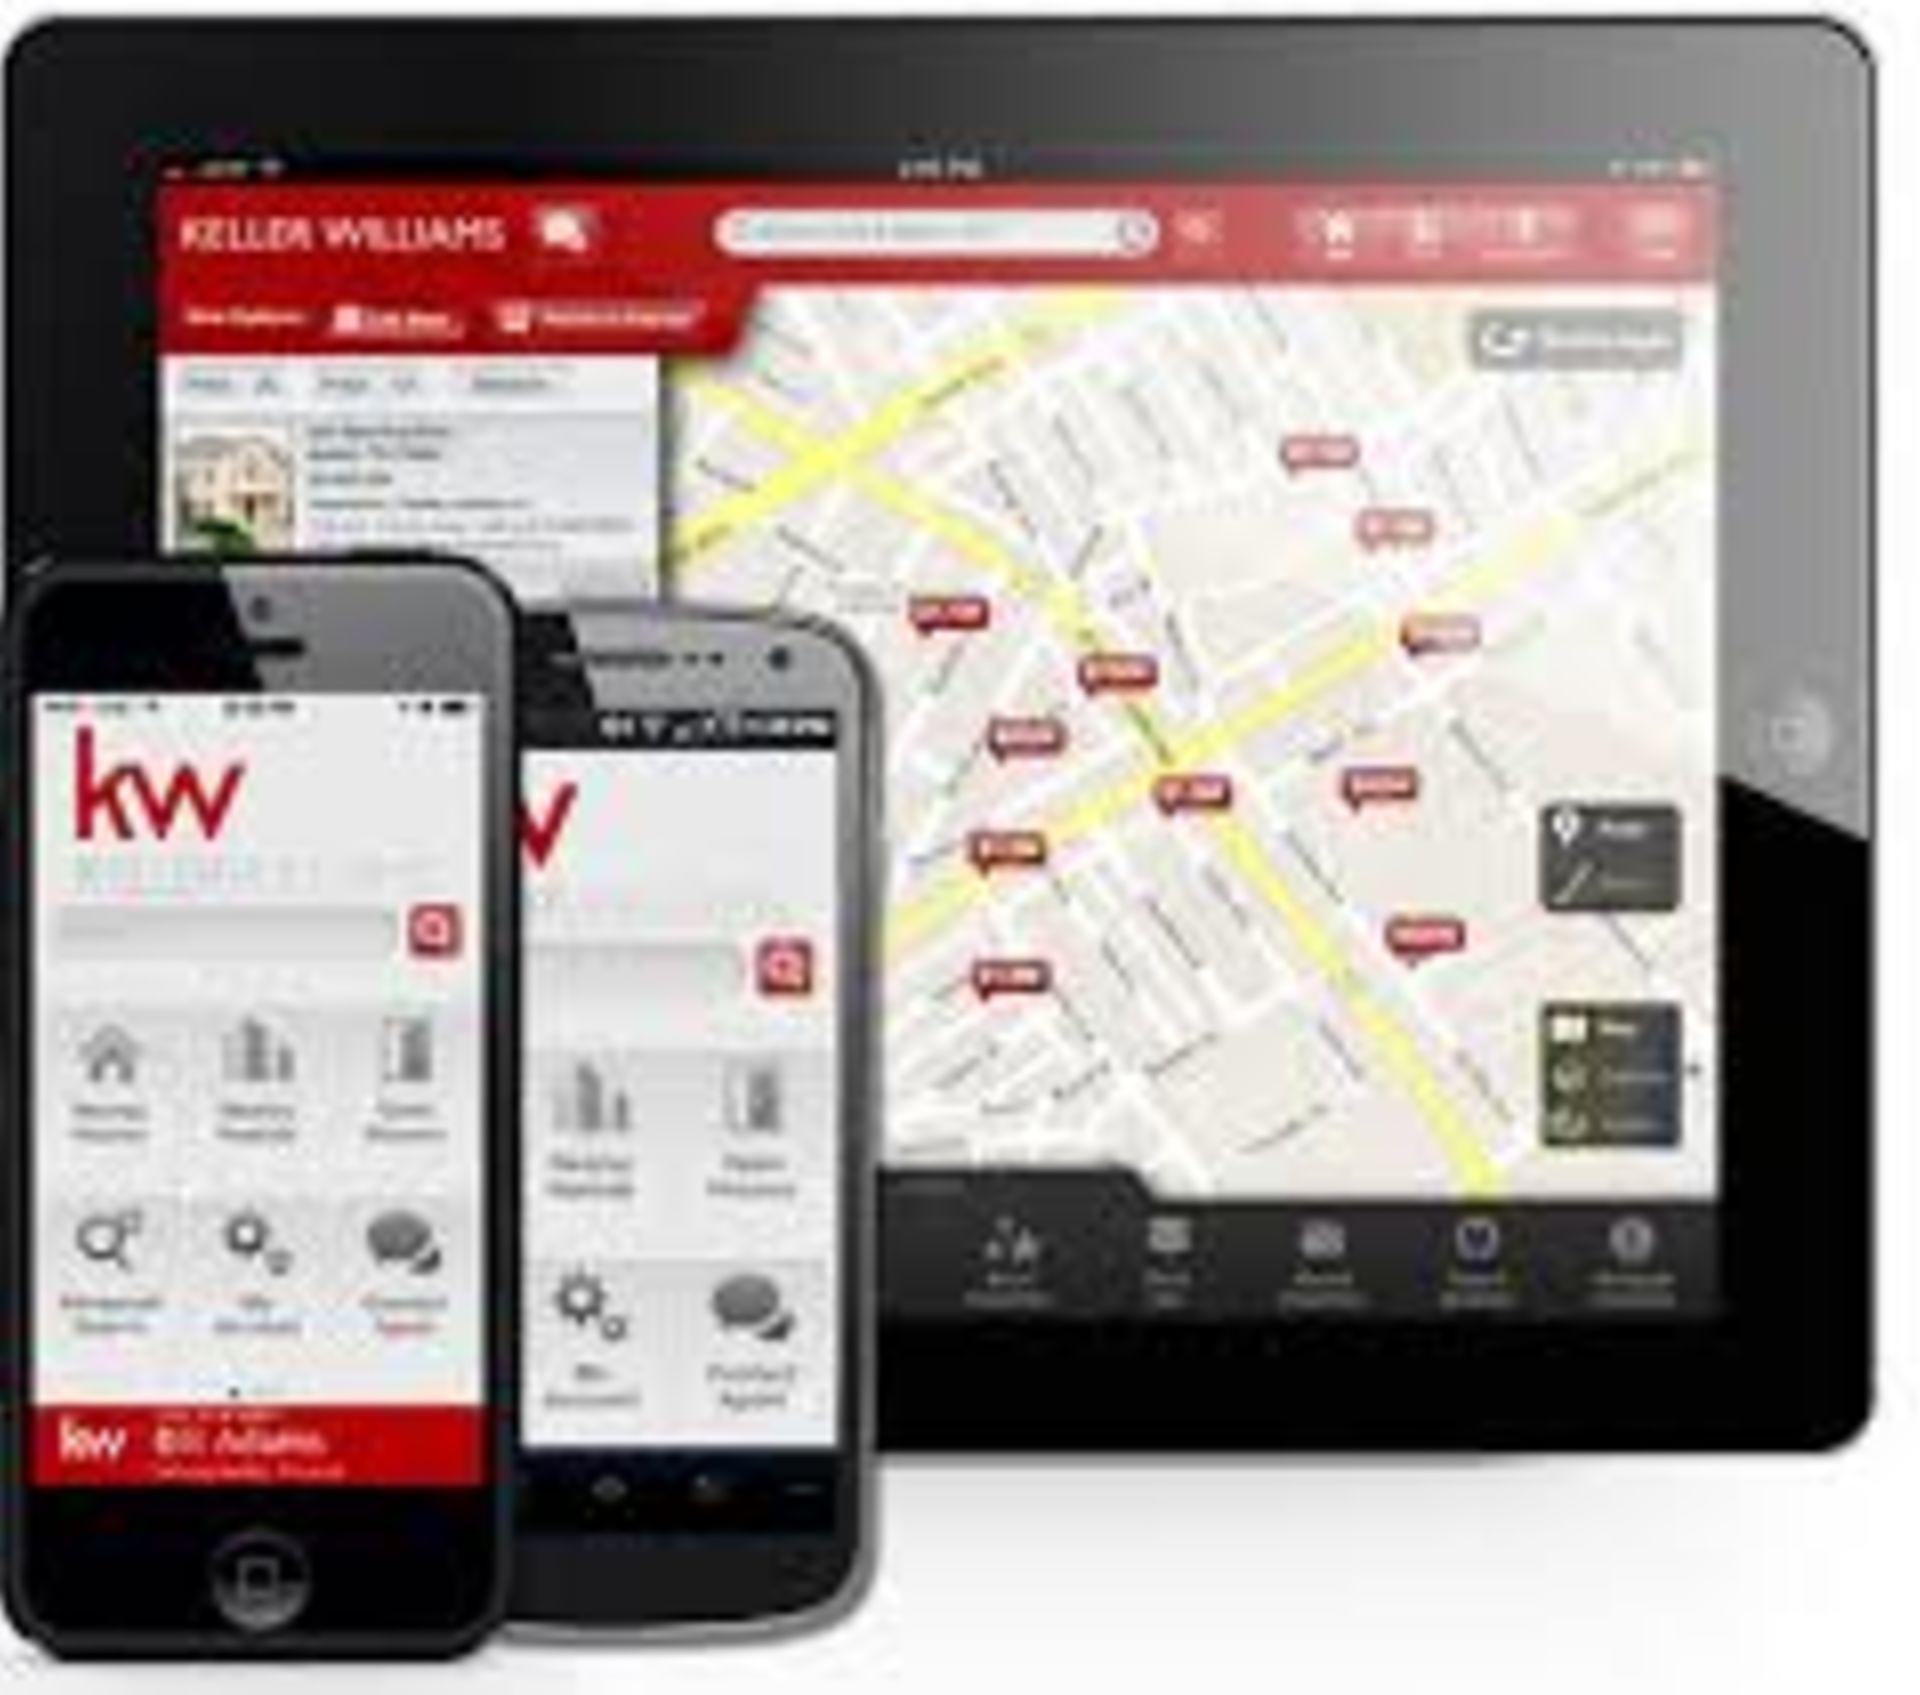 Download the KW App